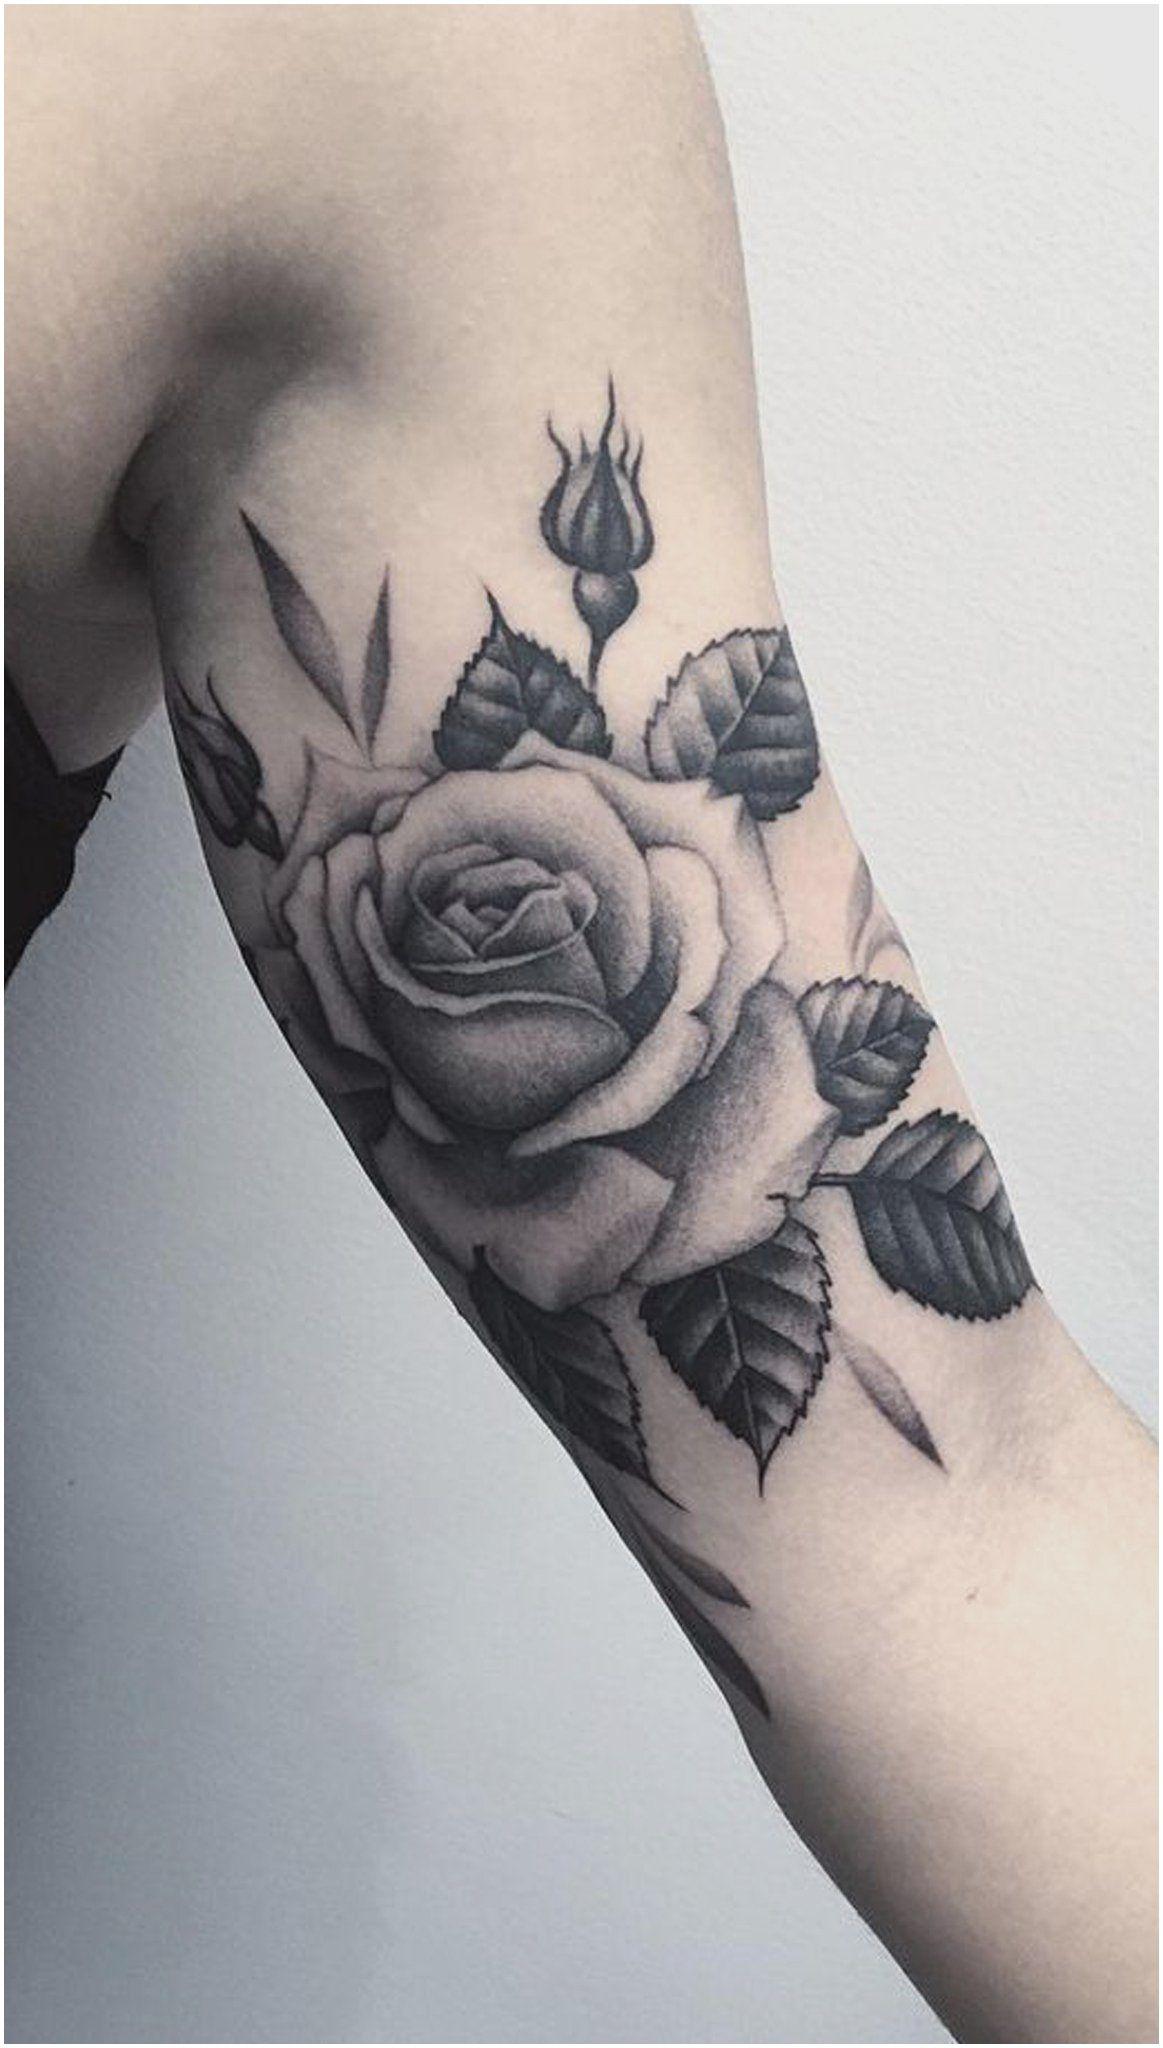 Descargar Gratis Diseno Ideas Originales Para Tatuajes Disenos Unicos Para Cada Persona Mo Tatuajes De Rosa Blanca Tatuajes Vintage Tatuajes Originales